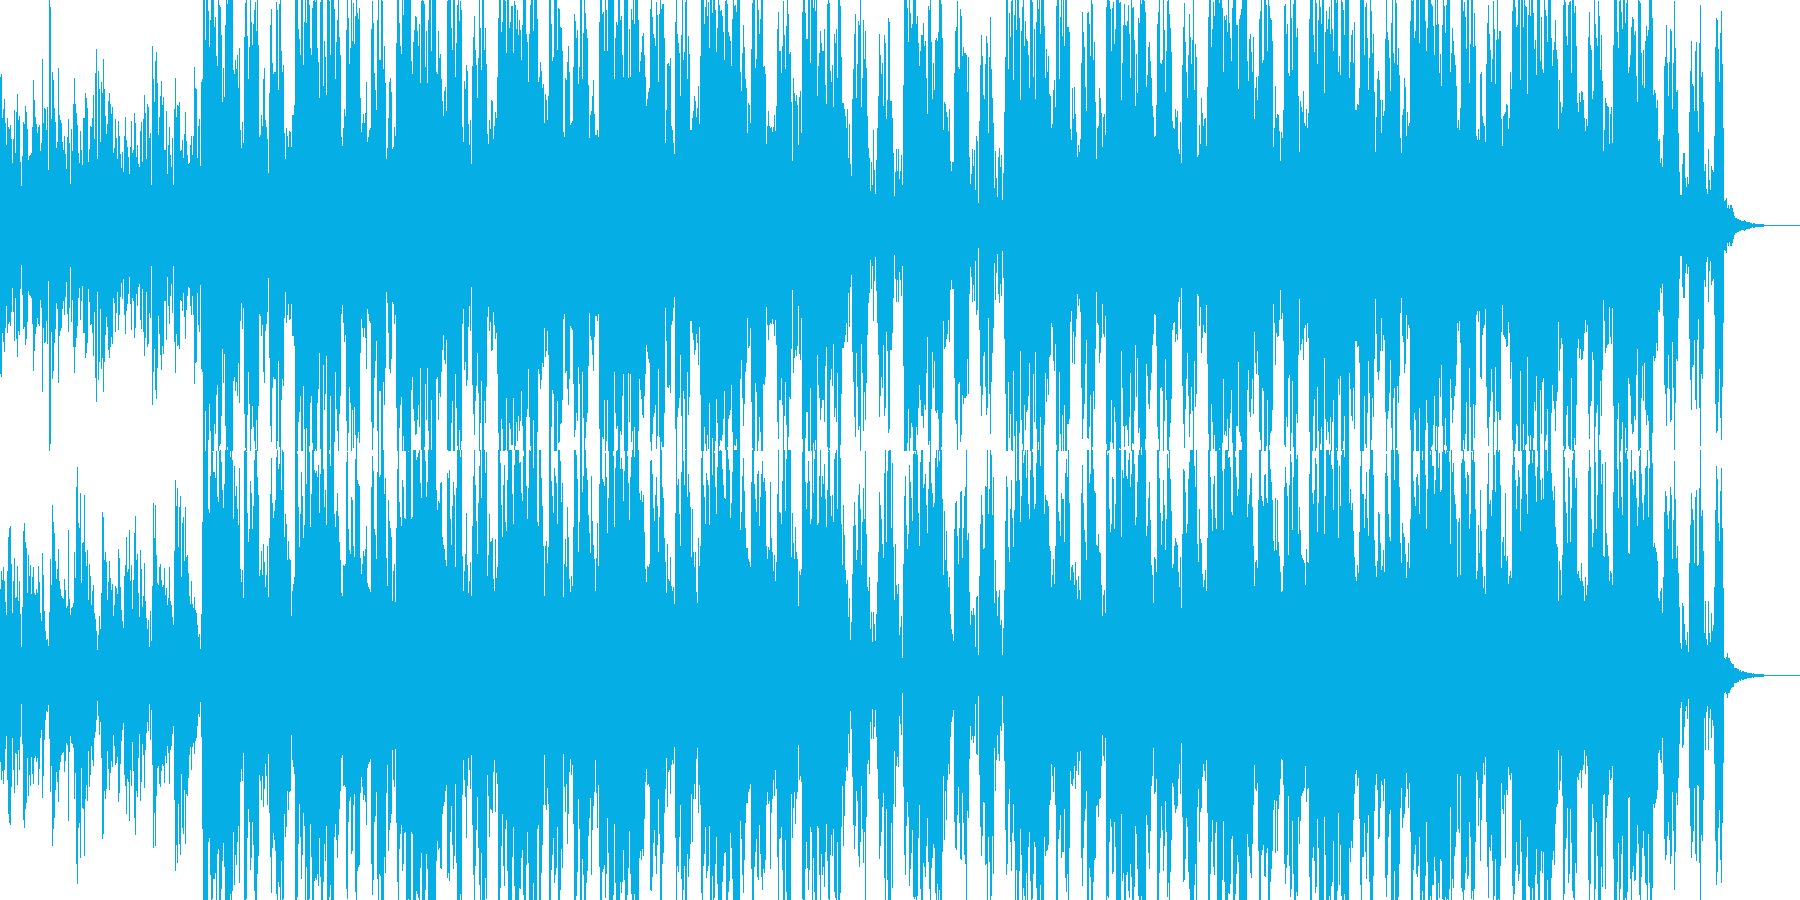 ニュース映像ナレーションバック向け-22の再生済みの波形